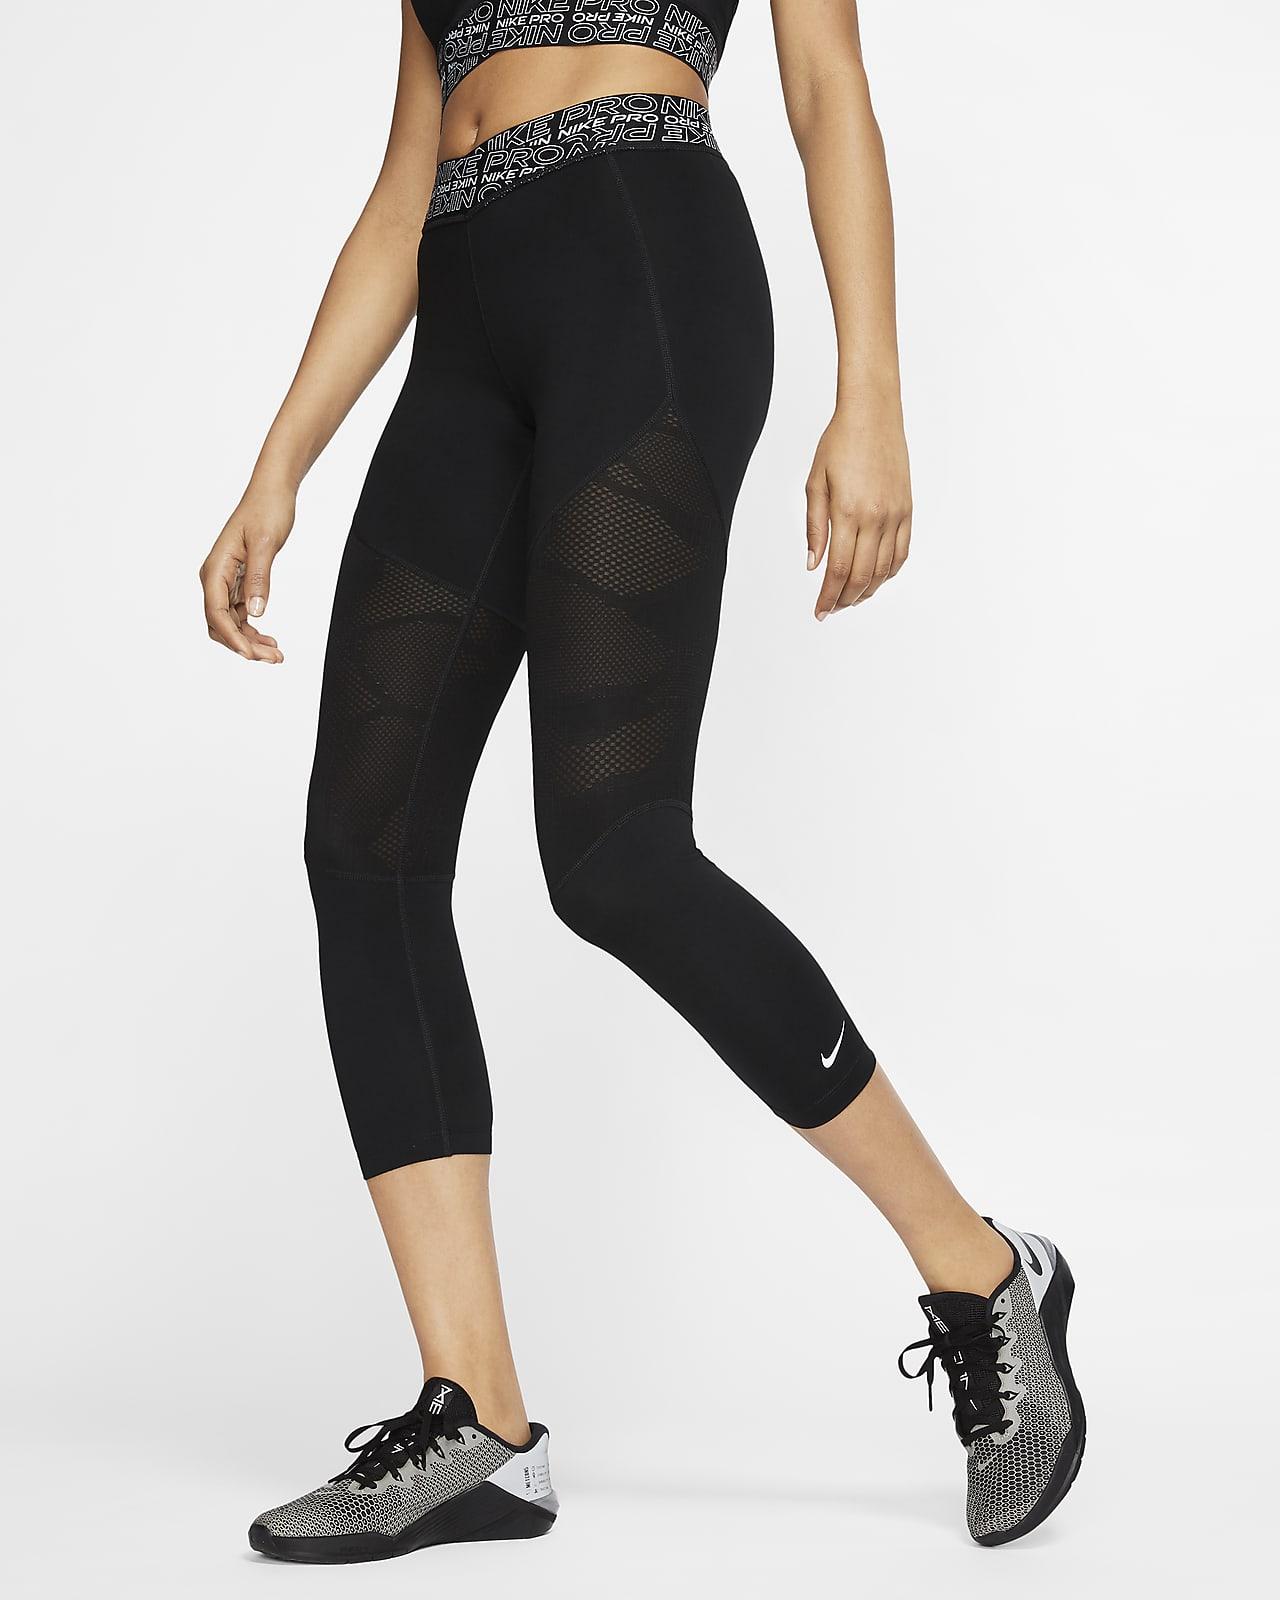 intersección vaso Interminable  Nike Pro Women's Crop Tights. Nike.com